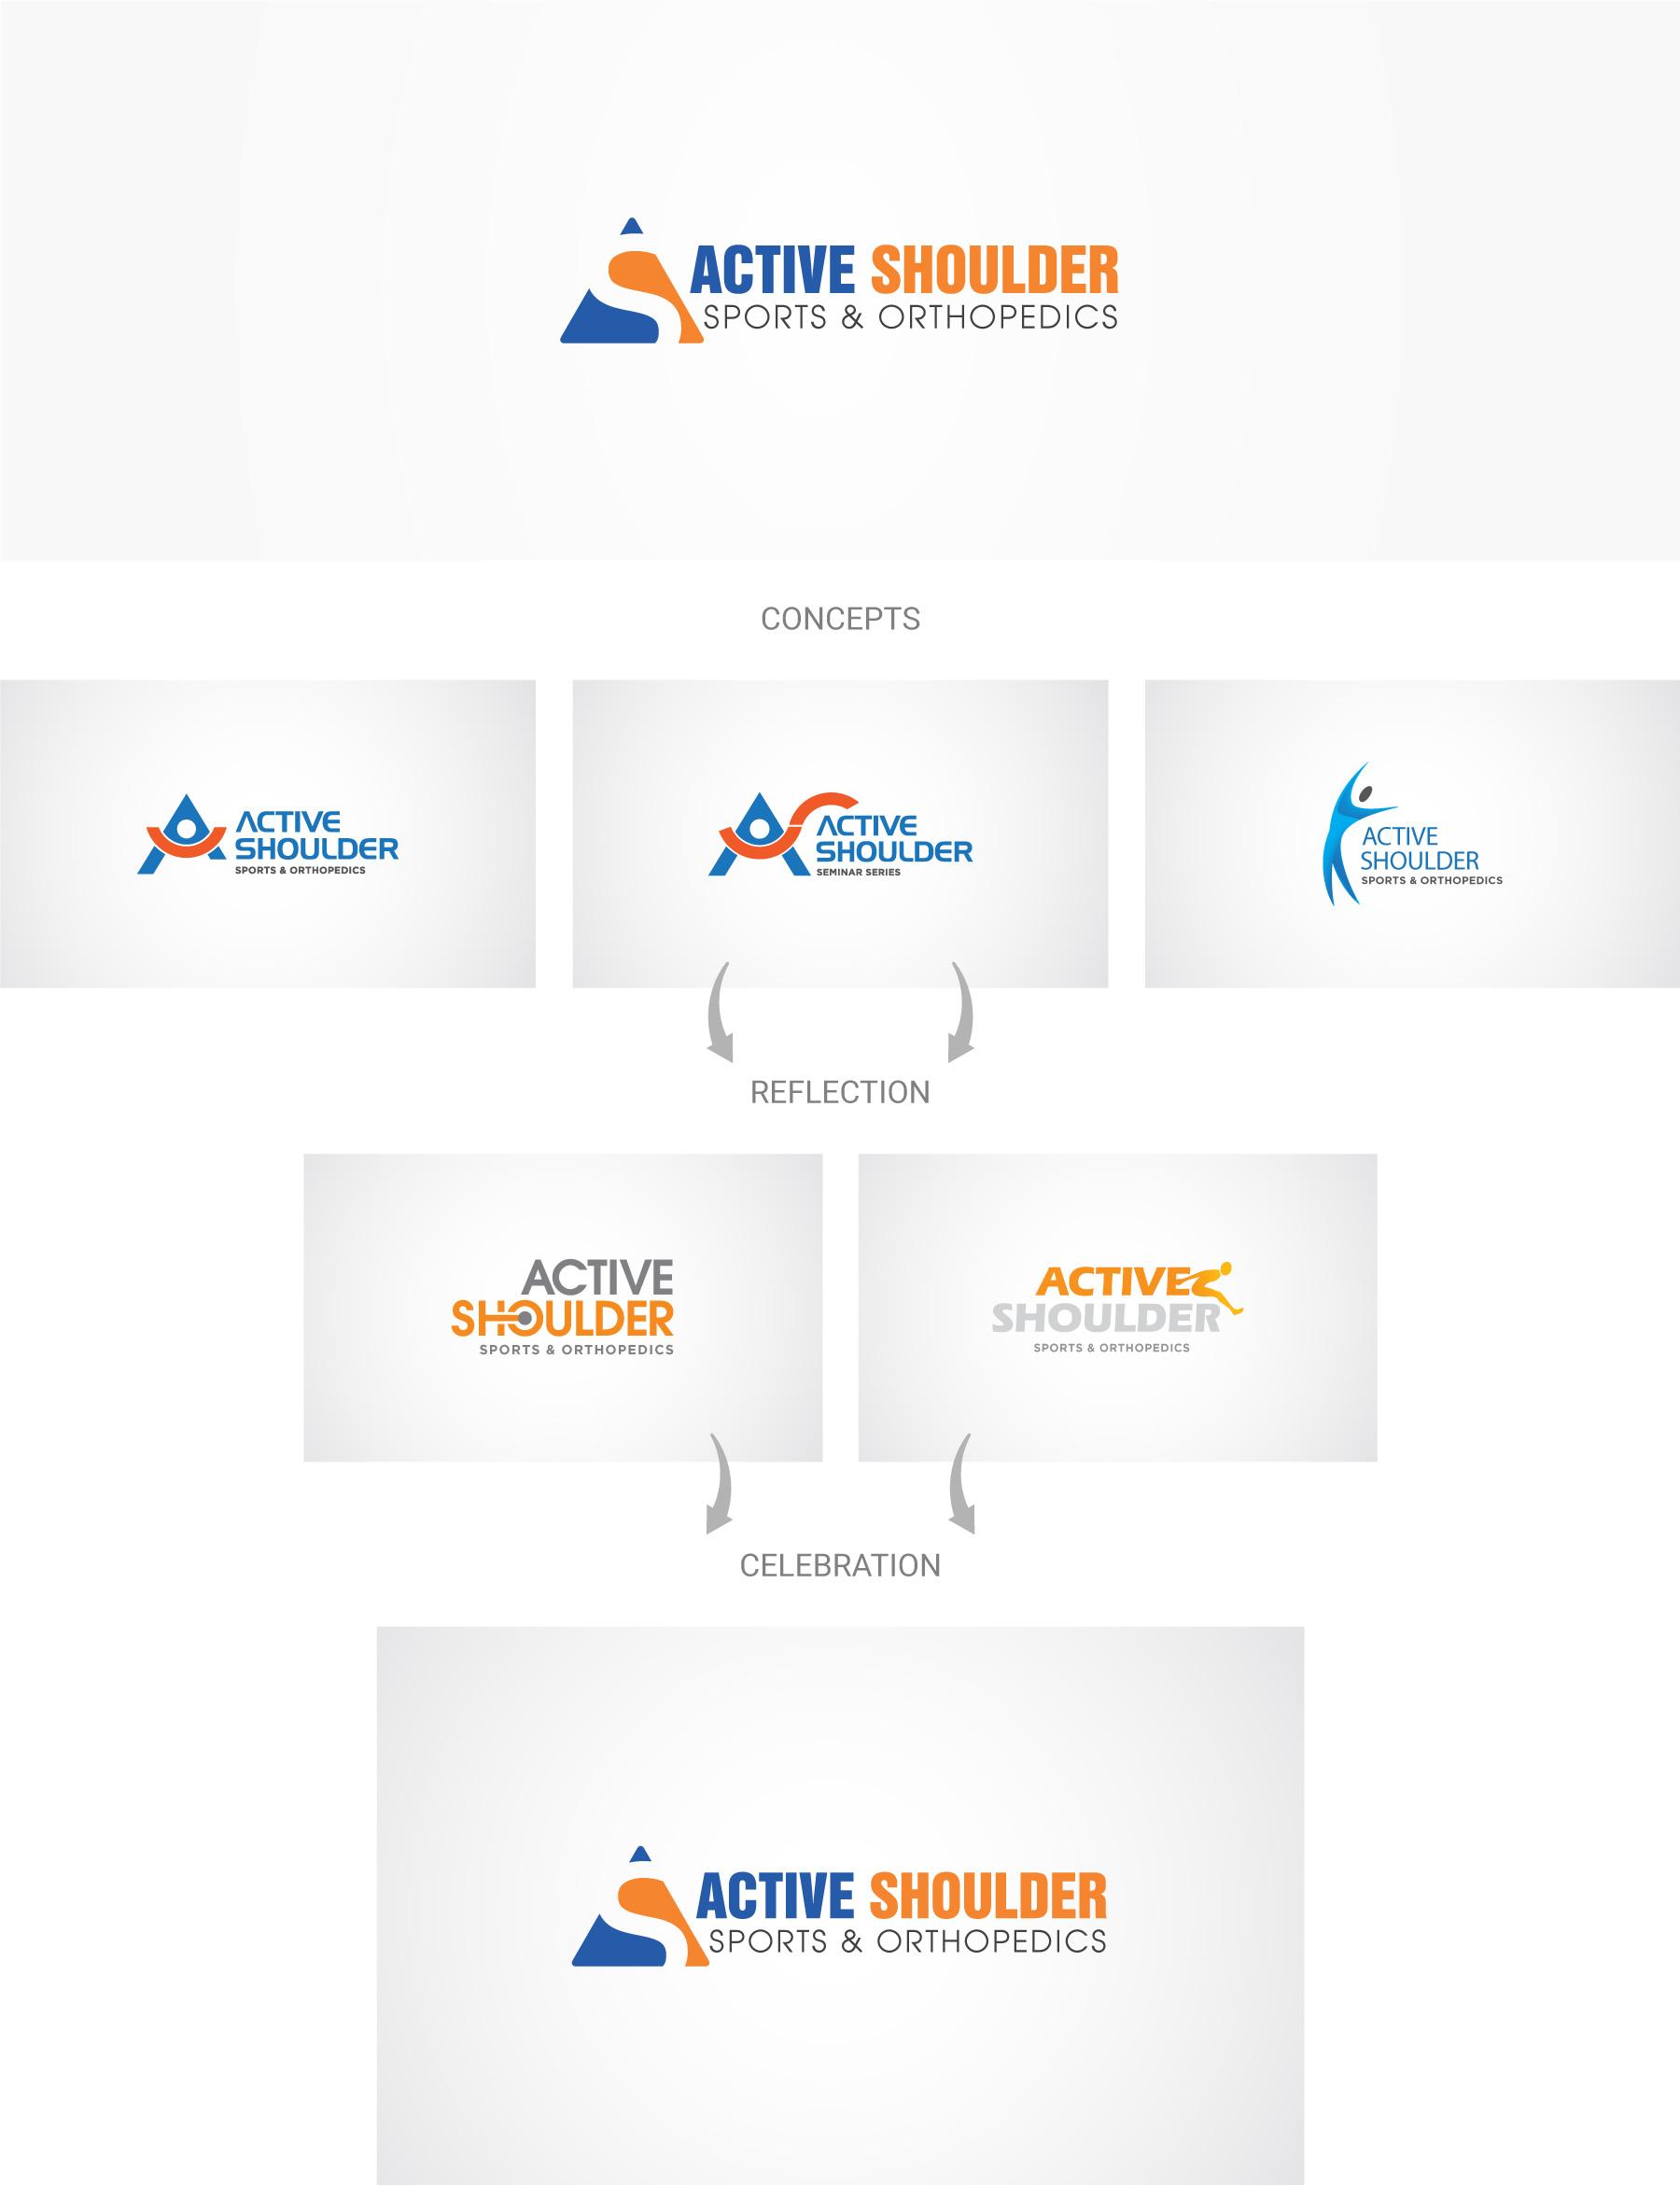 Active-shoulder-logo-design